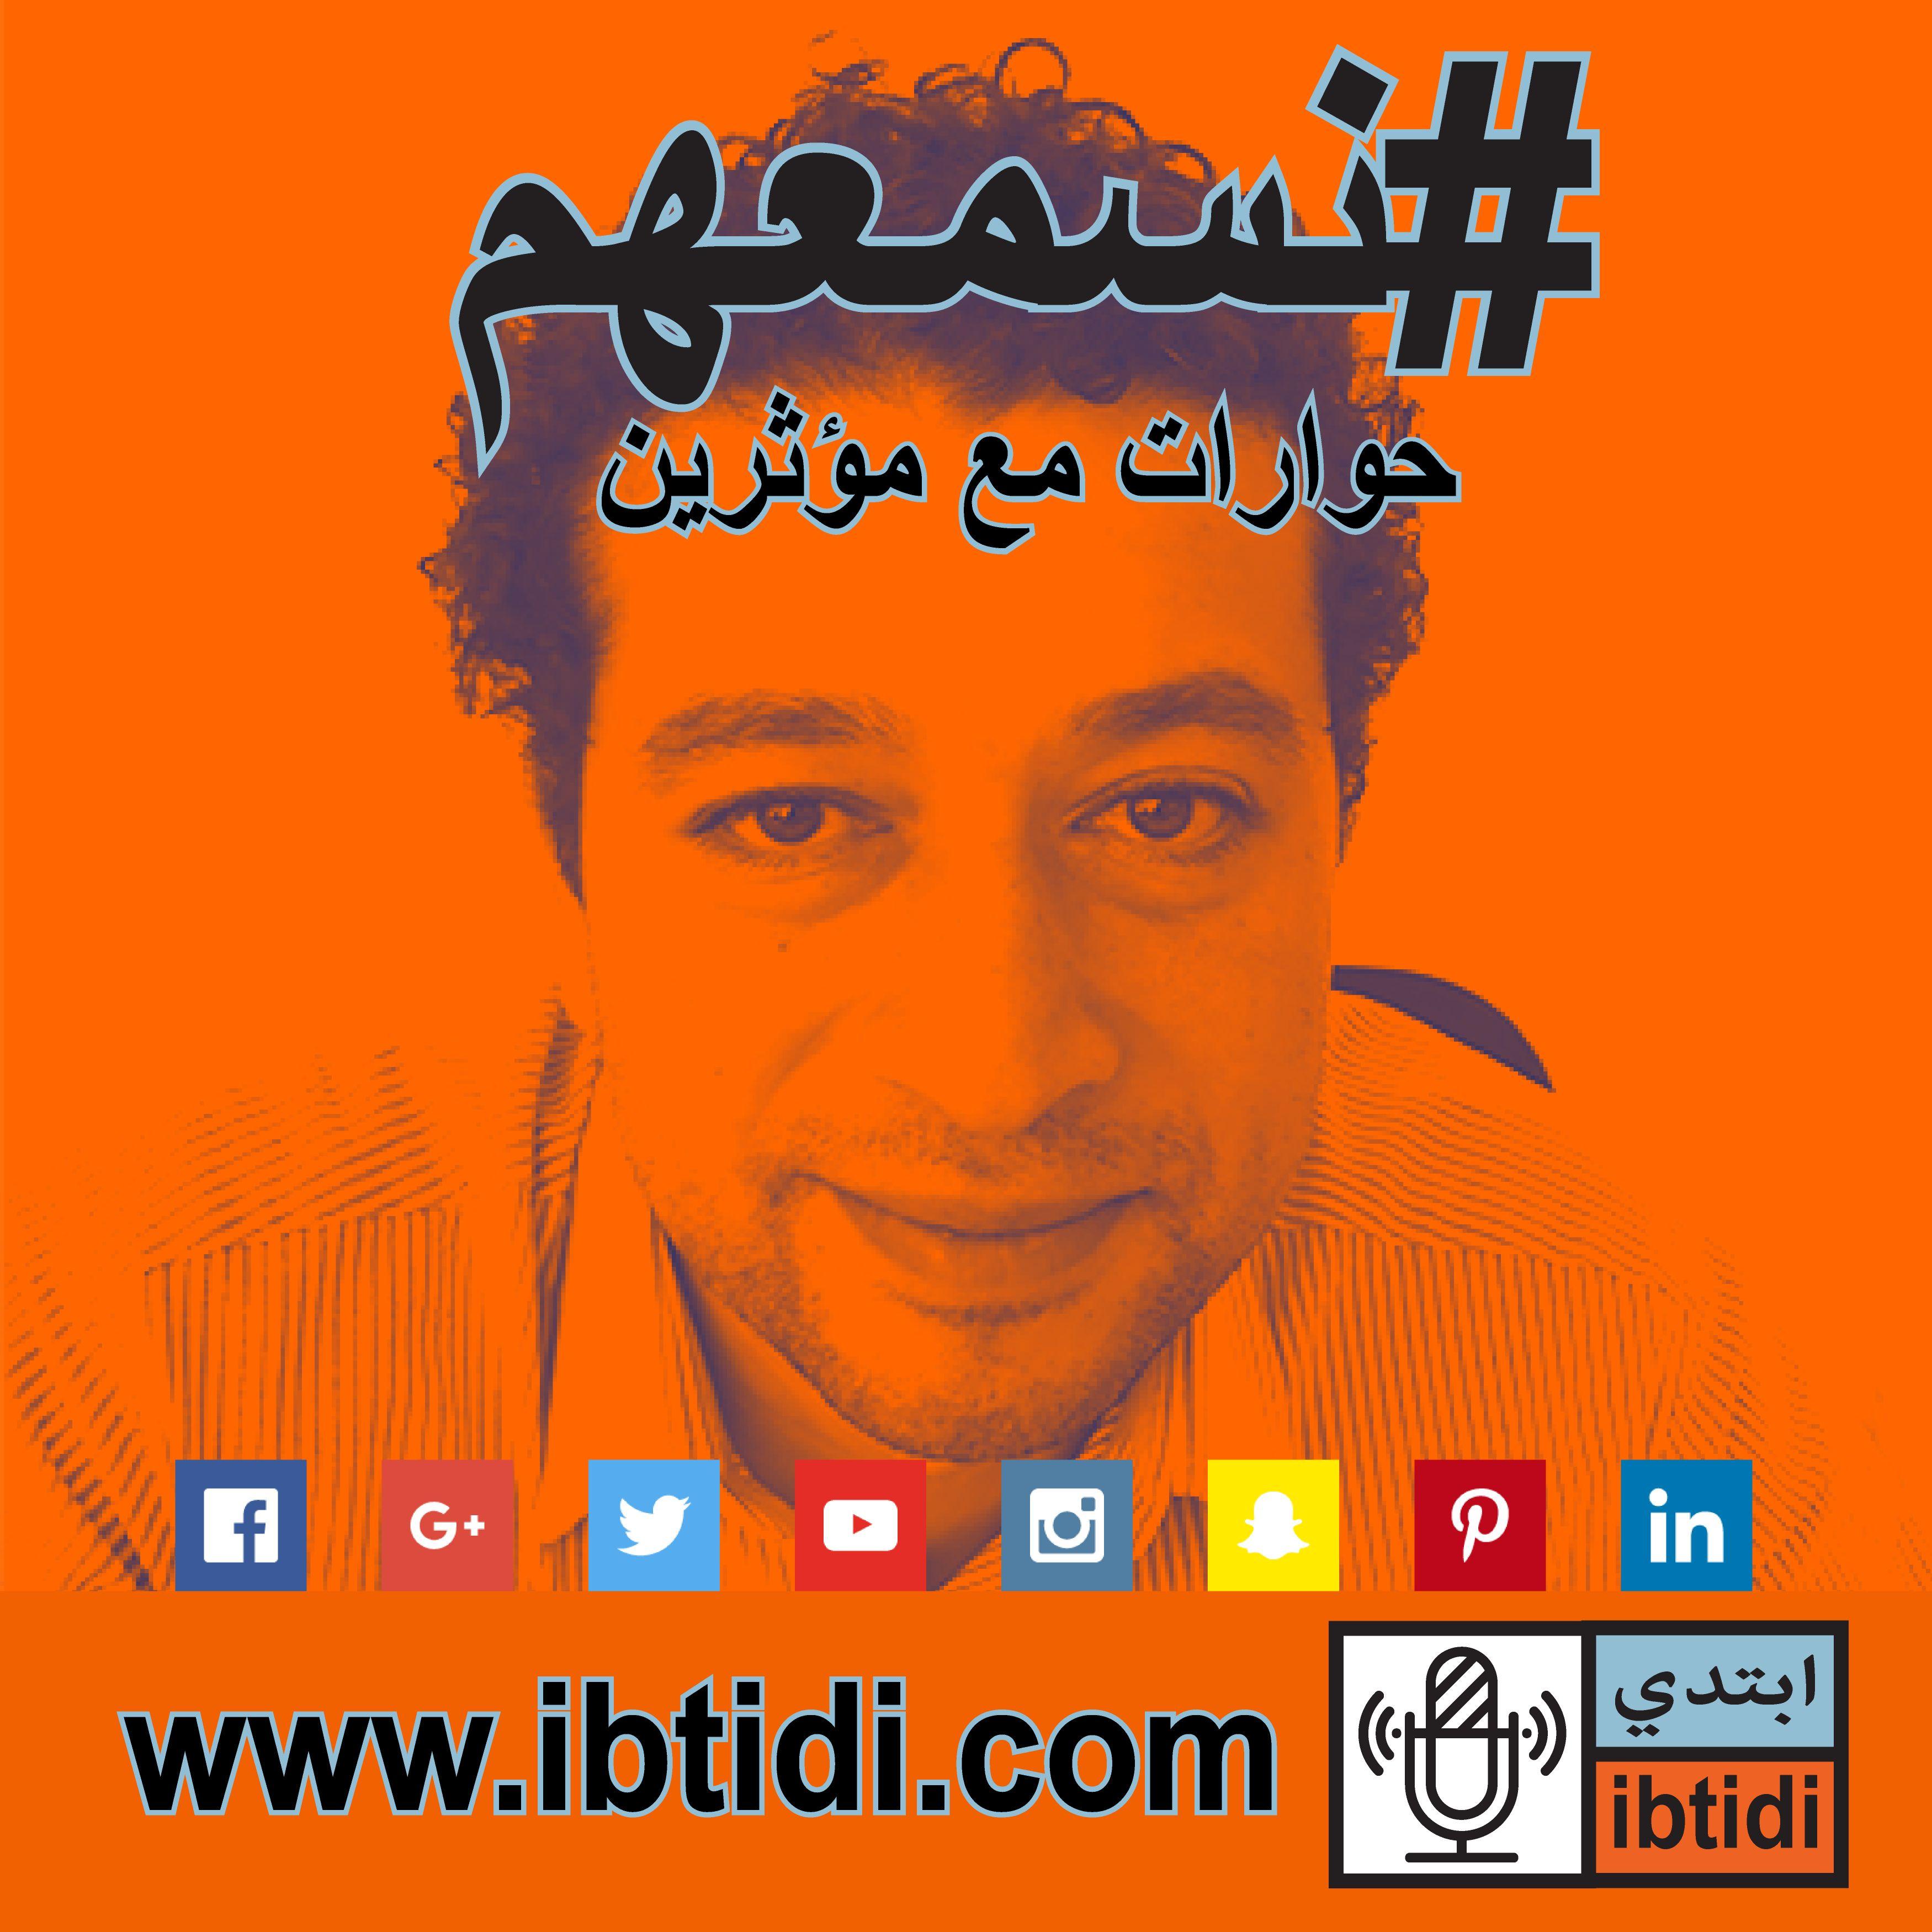 برنامج #نسمعهم - حلقة ٠٠٢ - أحمد زهران - الطاقة الشمسية  وتفاؤل بالمستقبل